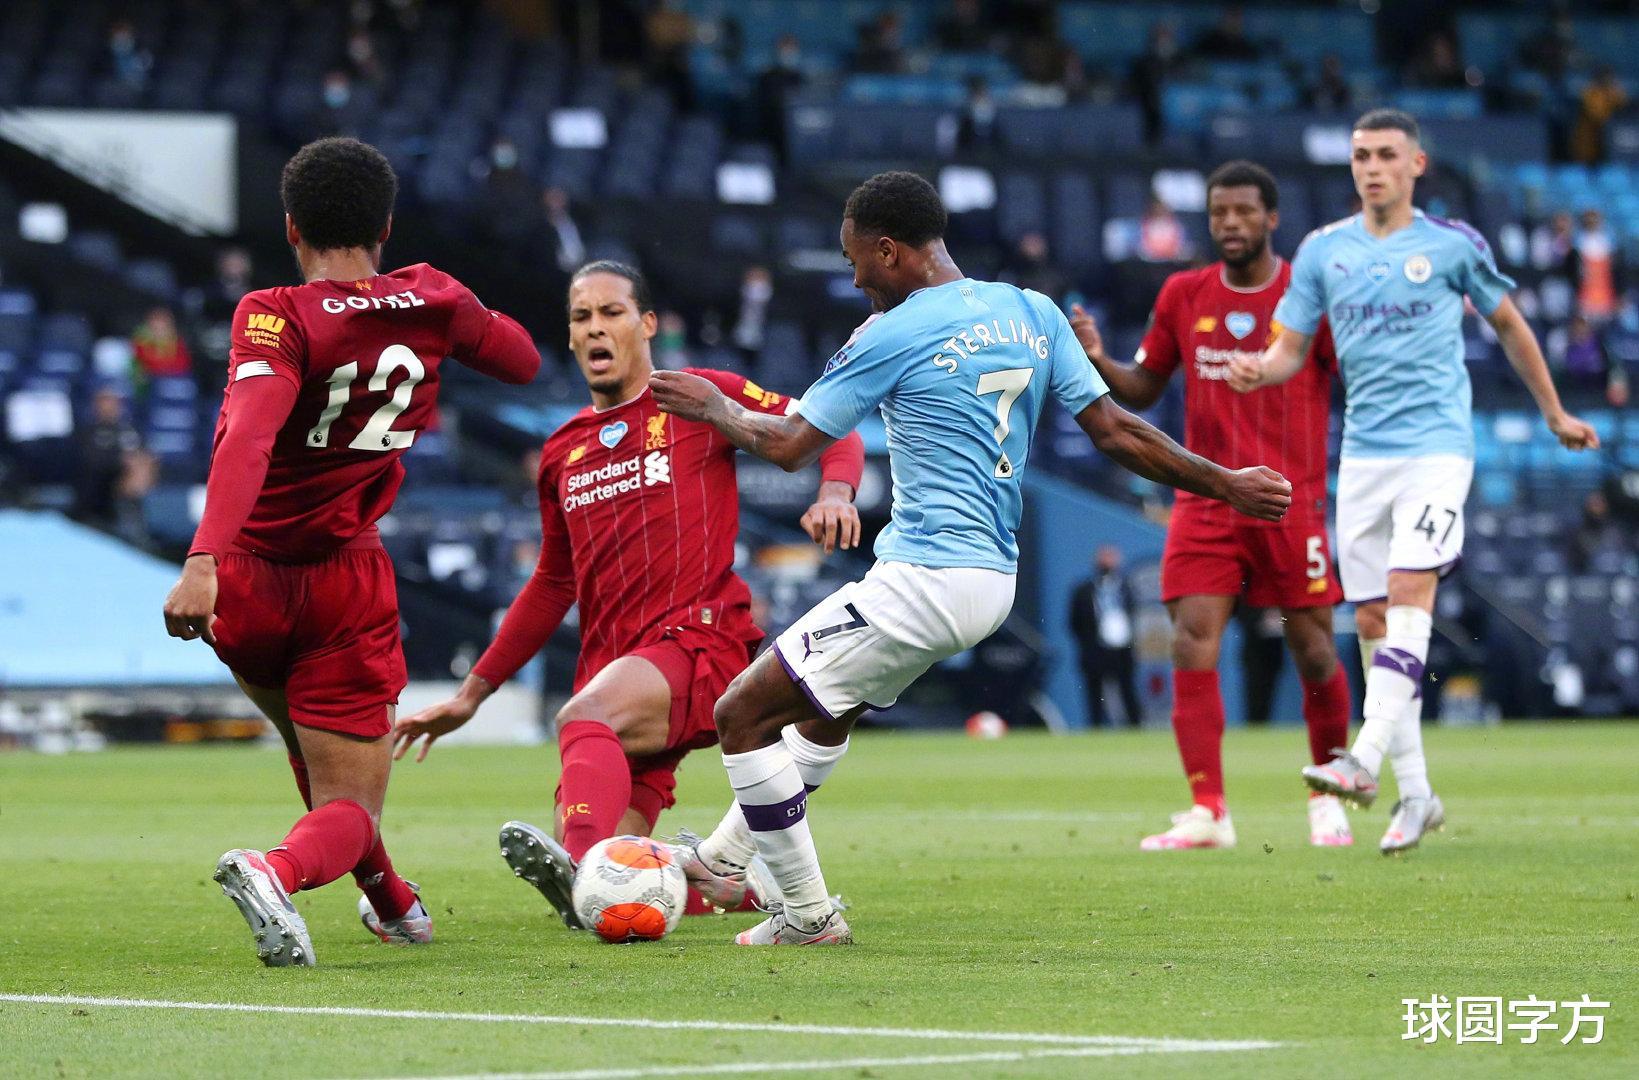 """戈麦斯定律不香了!利物浦0-4输曼城,克洛普""""只能""""再输一场"""